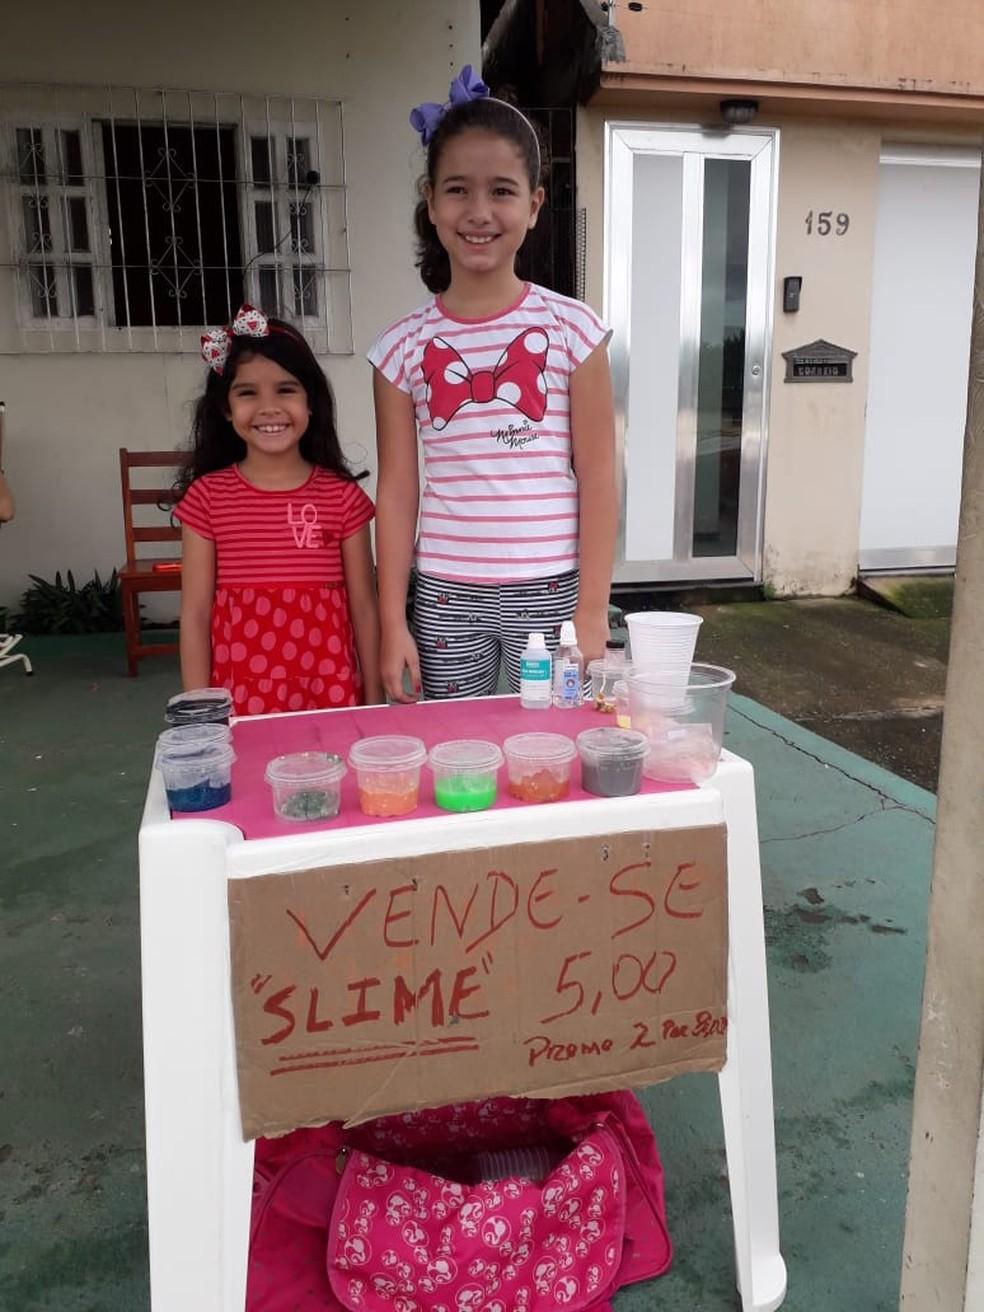 Juliana Queiros e Julia Lacerda, de nove e sete anos, decidiram vender os slimes por conta própria — Foto: Marcel Queiros/Divulgação